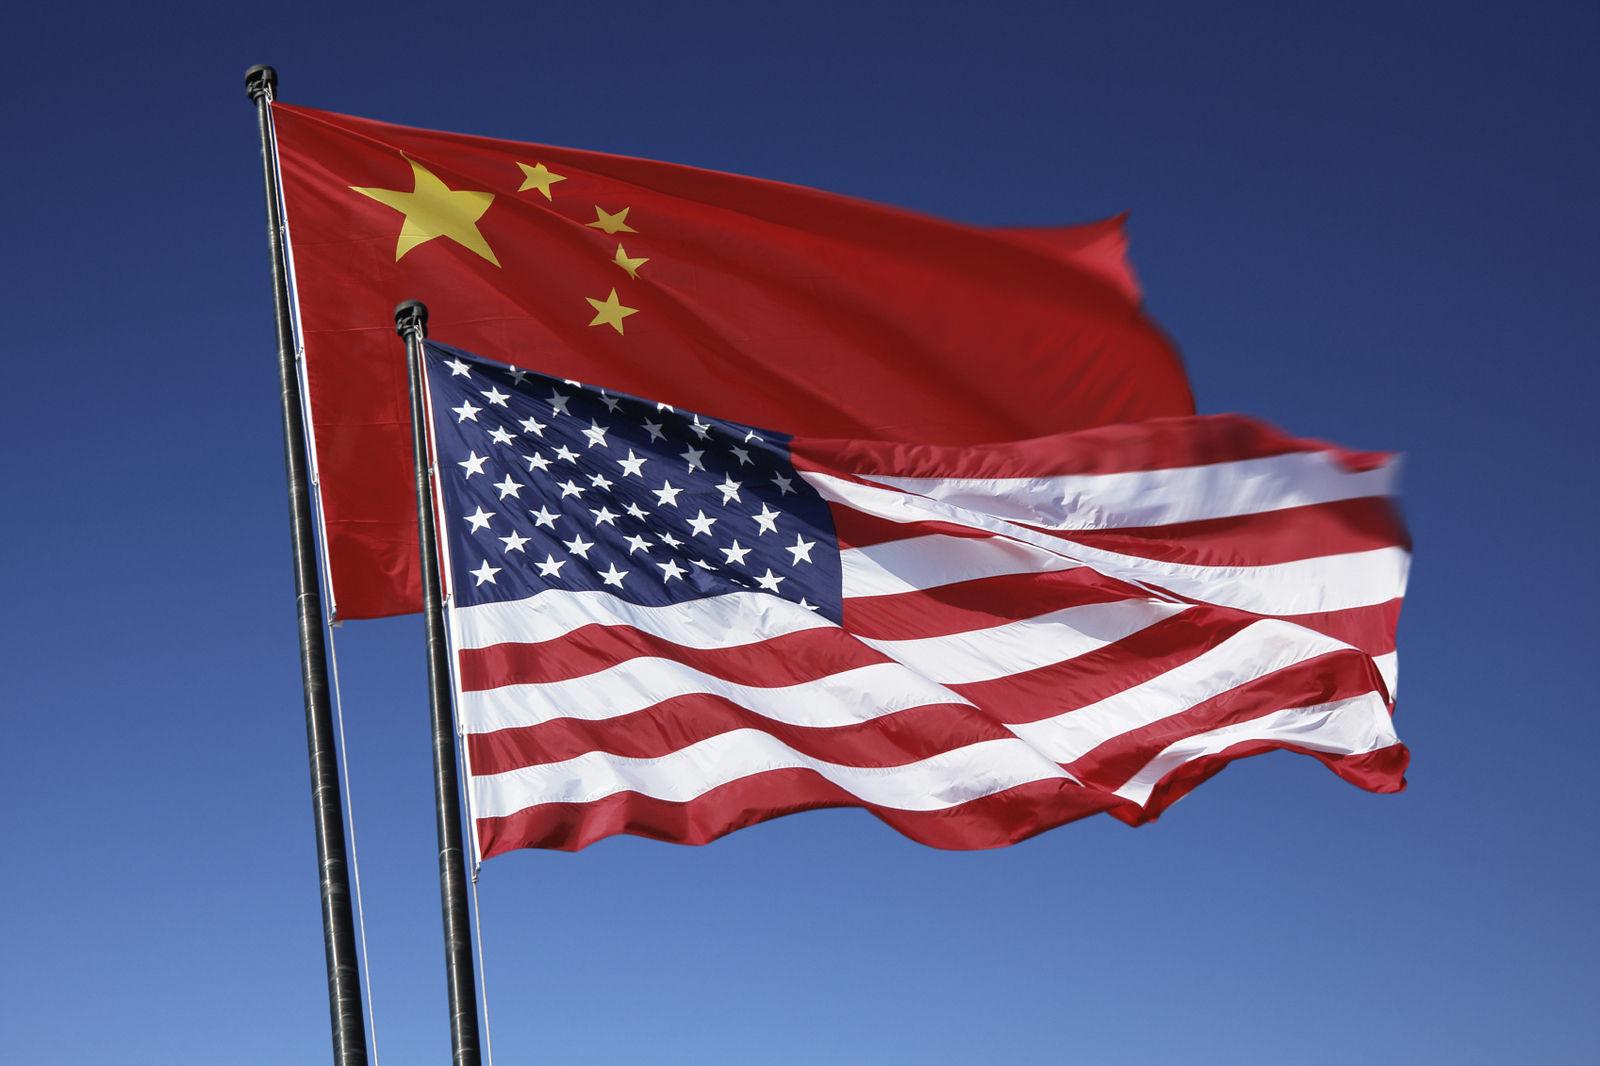 АНУ, БНХАУ-ын дээд түвшний уулзалт Бээжинд болно